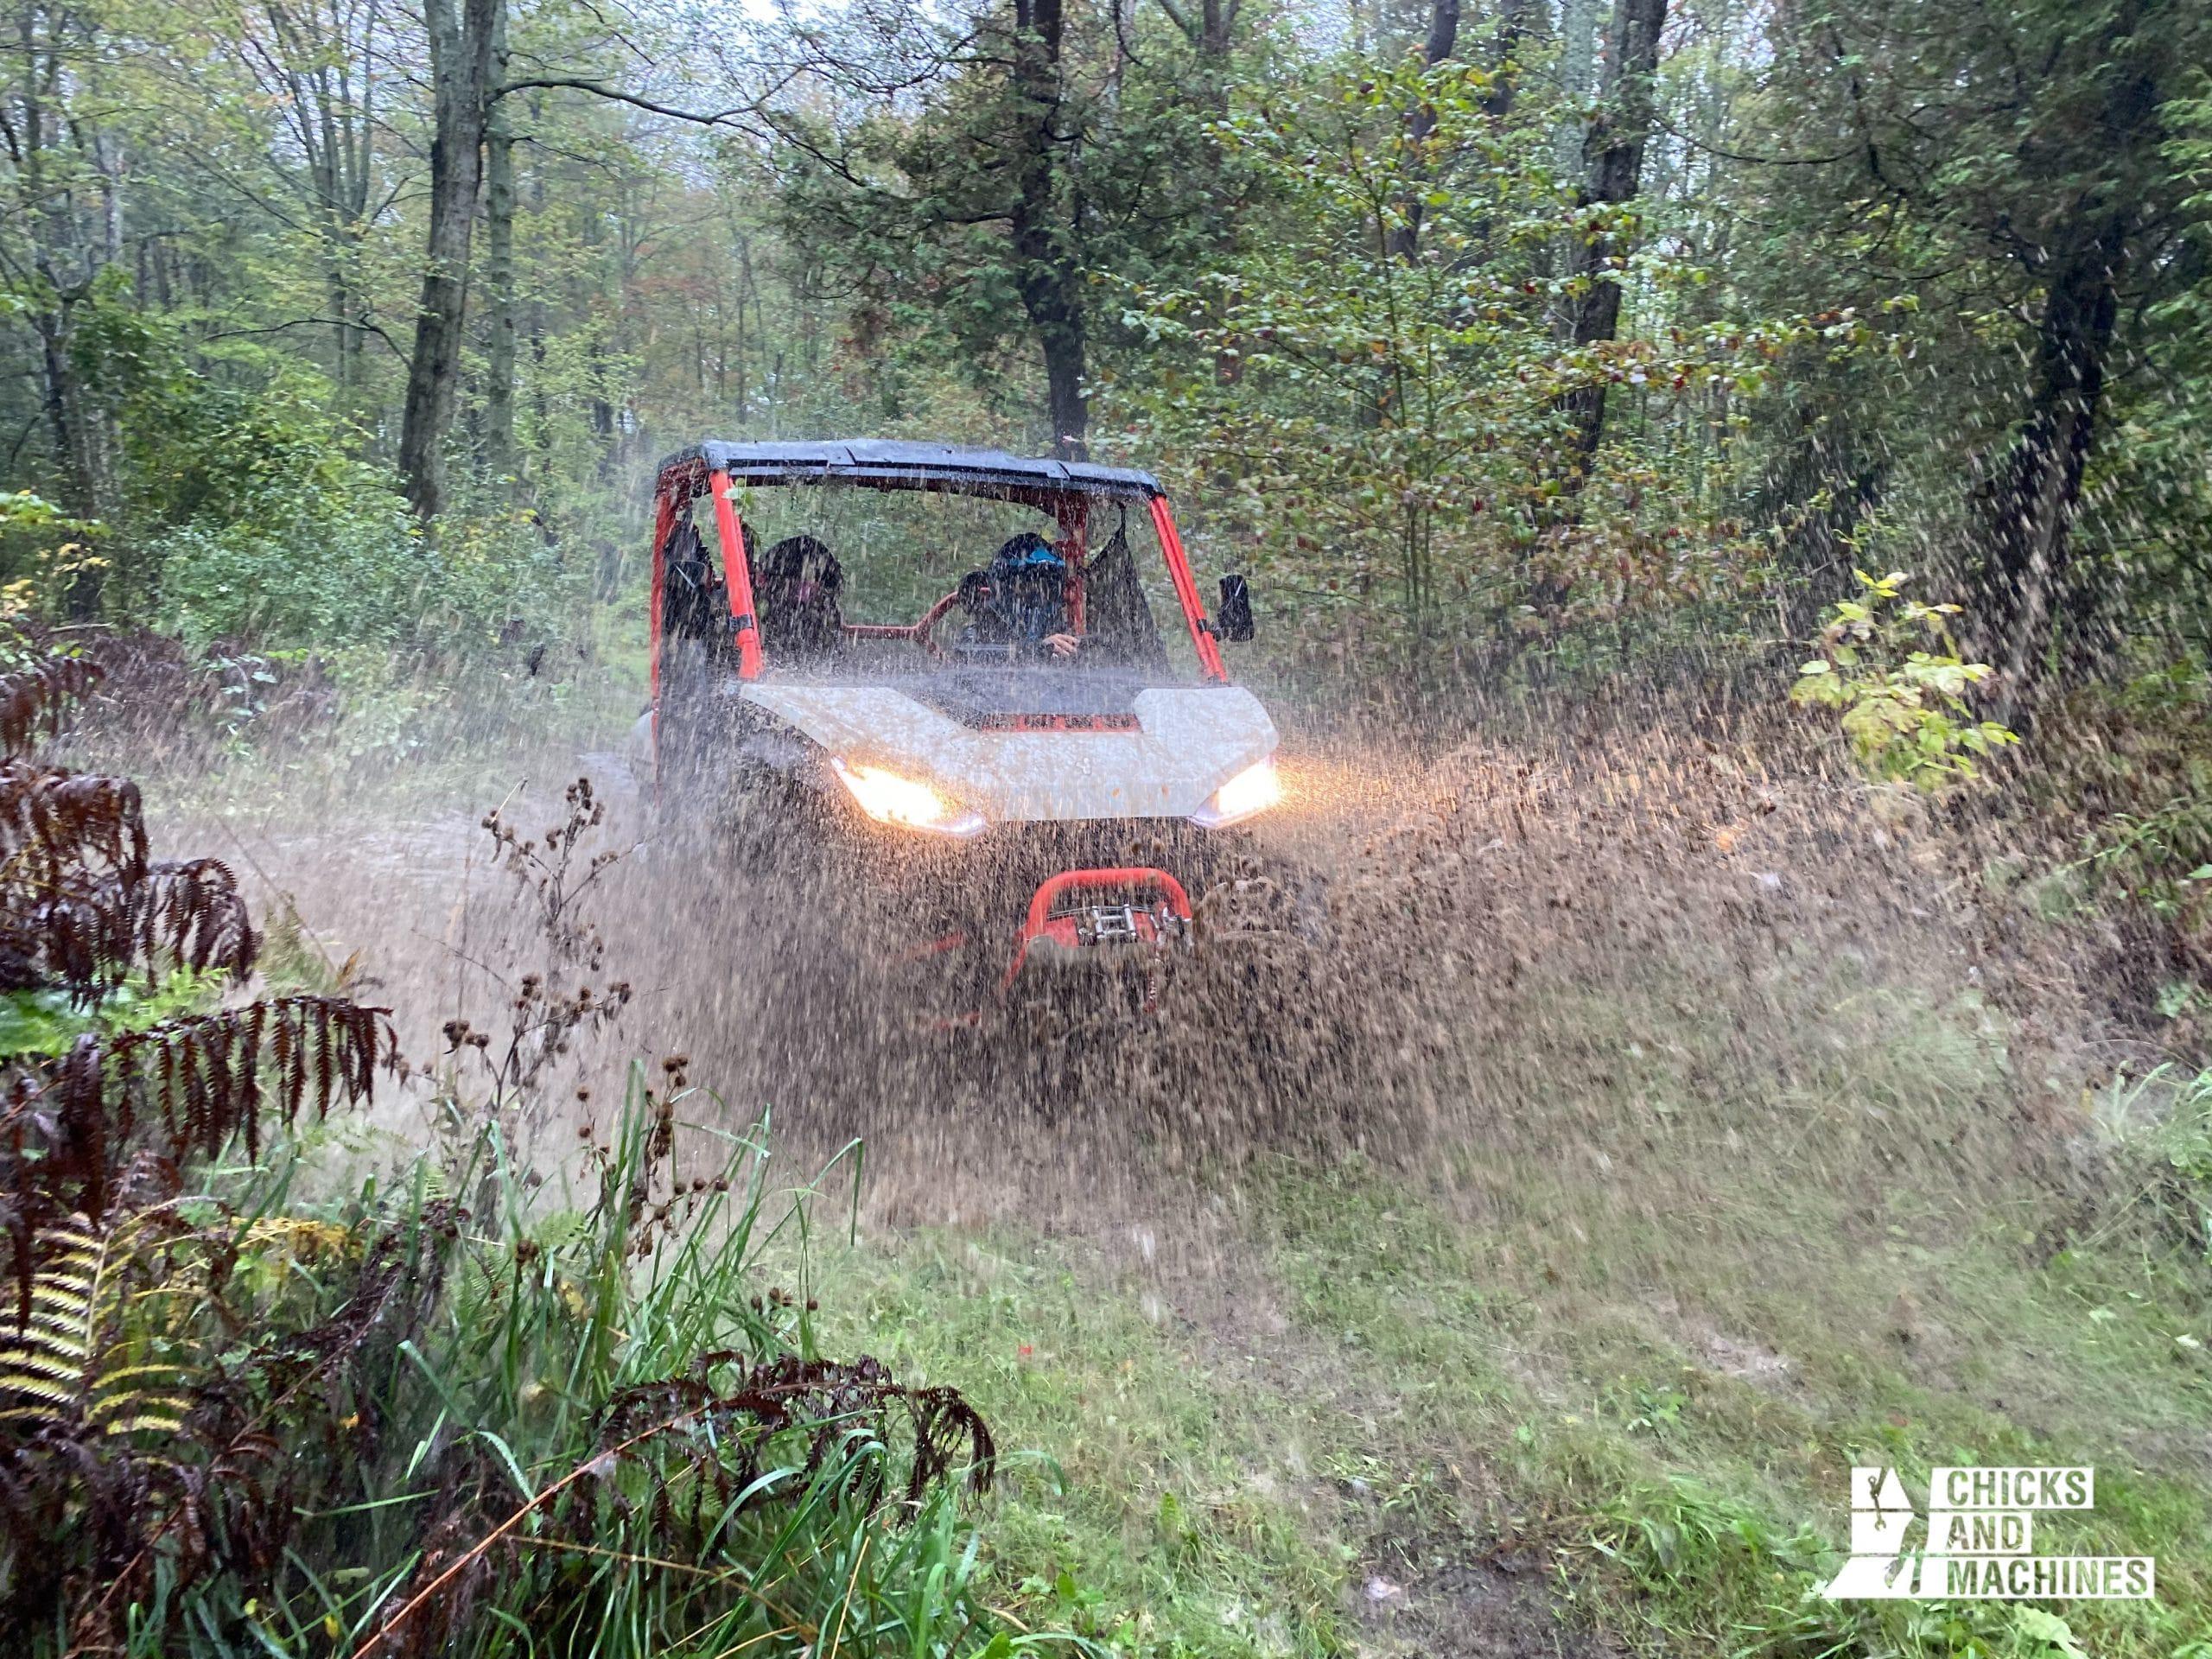 La suspension et les amortisseurs permettent de s'aventurer dans tous types de terrains, sans problème !